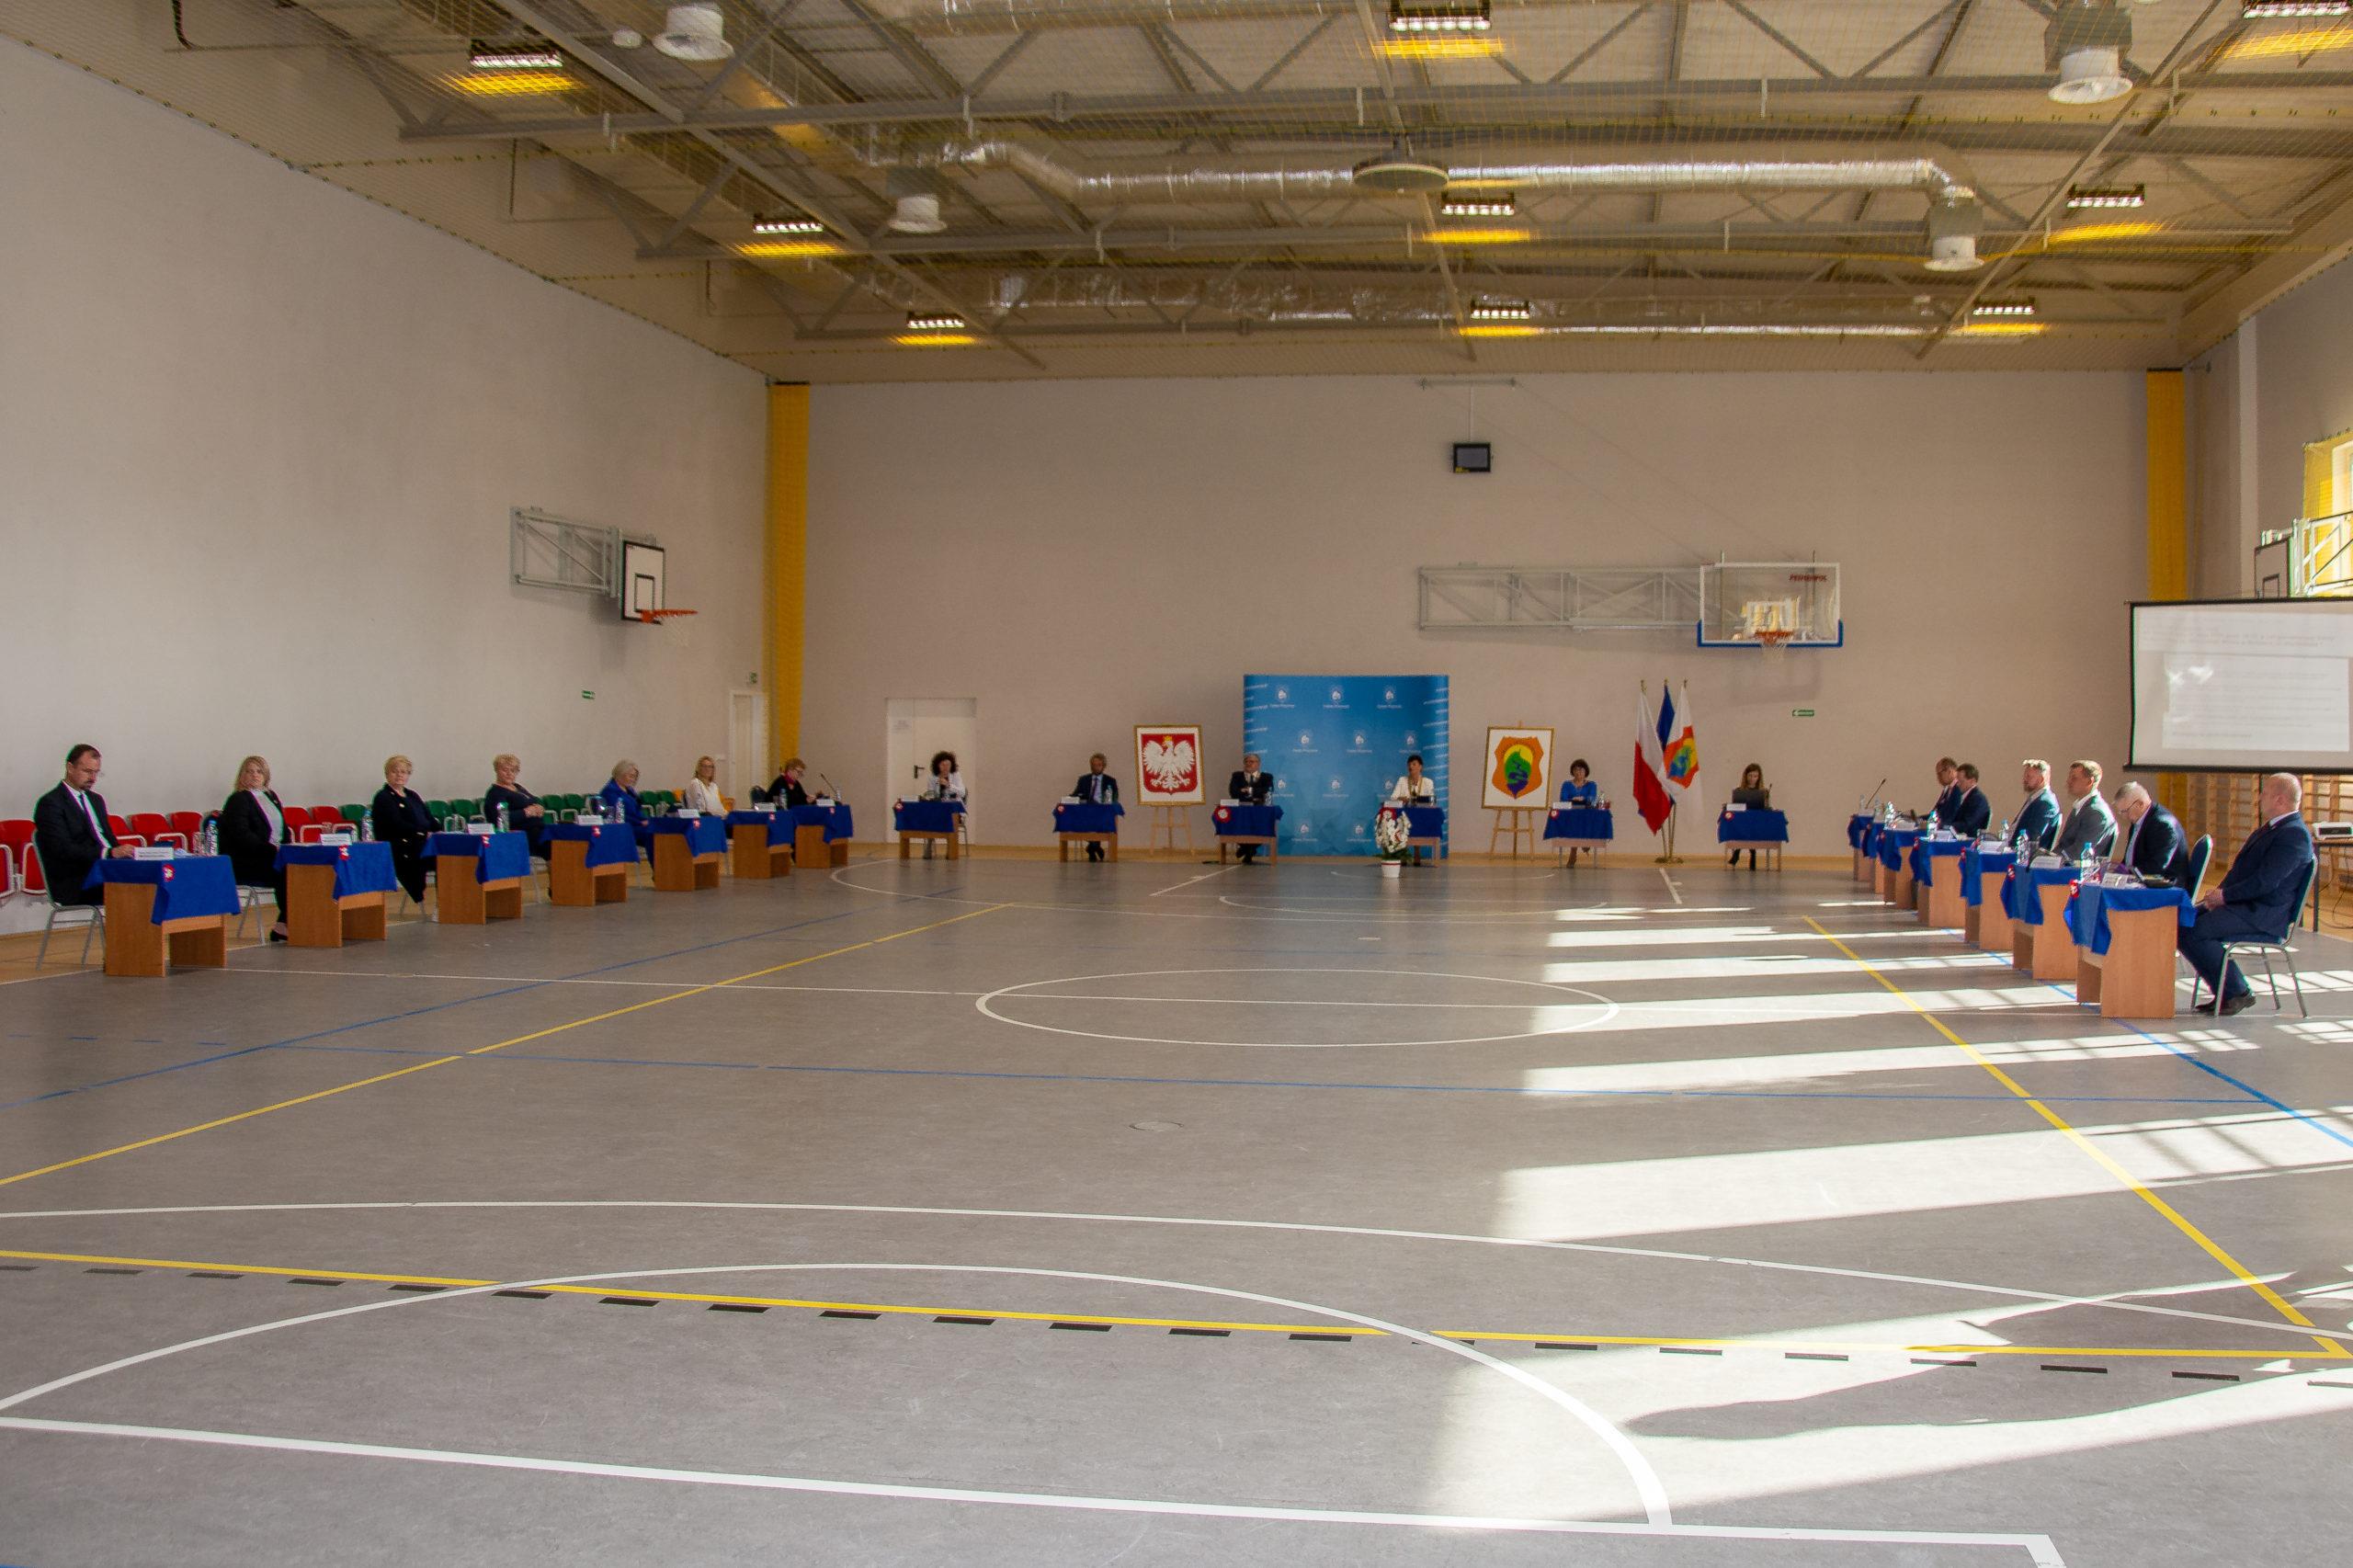 Uroczysta sesja Rady Gminy Wiązowna na sali gimnastycznej w szkole w Gliniance.